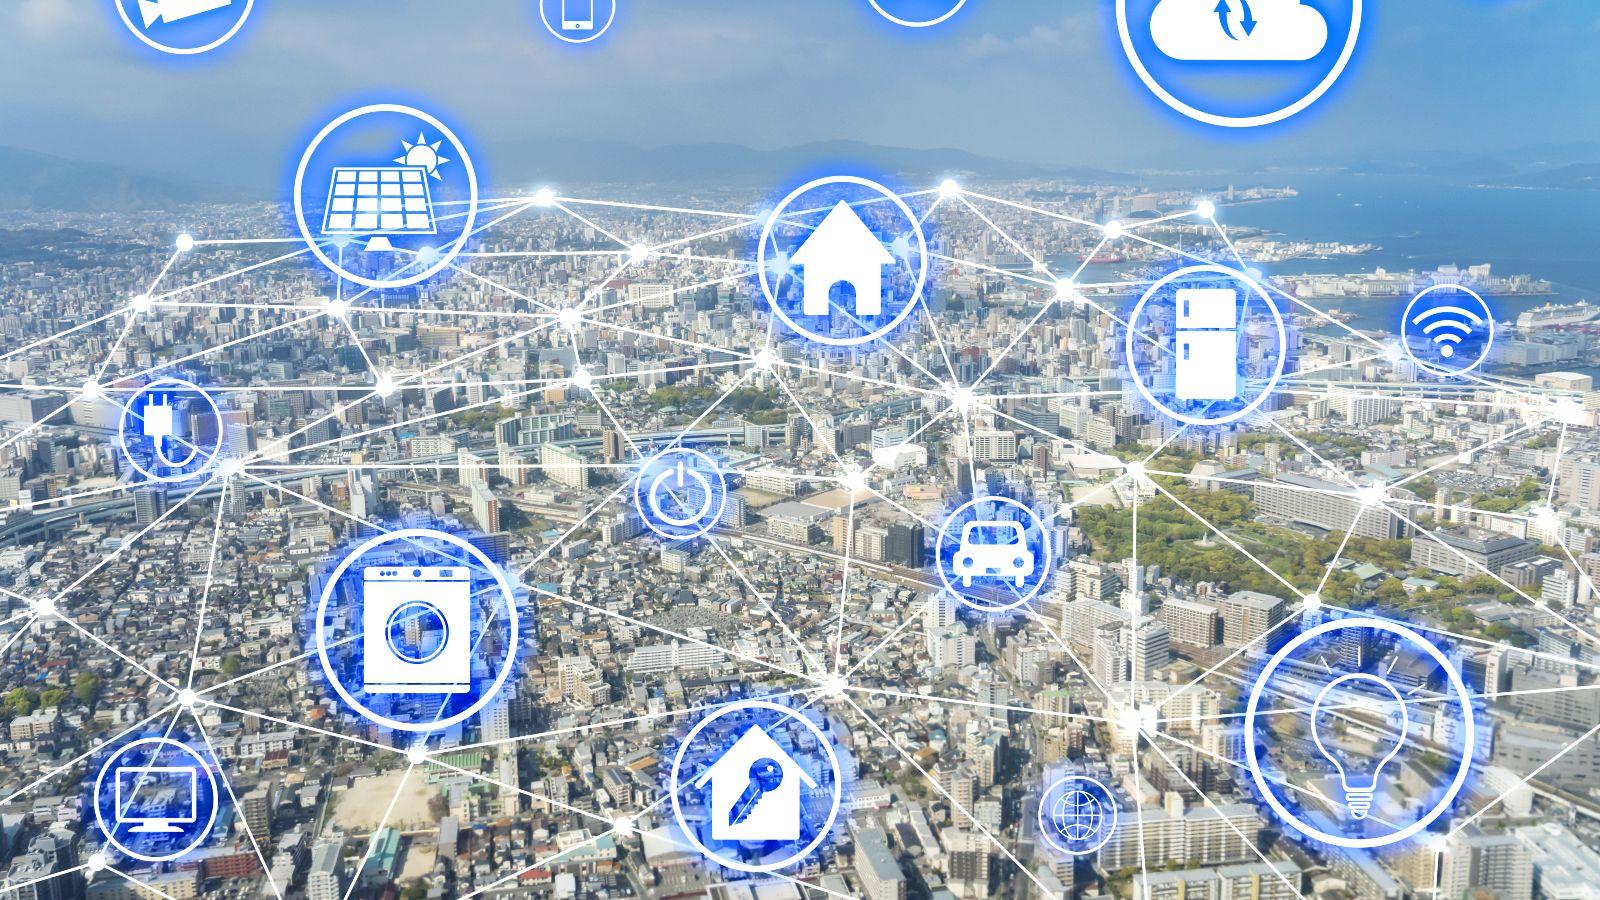 Diese Bild zeigt im Hintergrund eine Stadt. Im Vordergrund sind elektronische Symbole und Symbole von Haushalts- und Gebruachsgegenständen , wie zum Beispiel einem Haus, eine Solarpanel, einem Auto, einer Waschmaschine, einem Monitor, einer Glühbirne, einem Stecker, einer Überwachungskamera, einem WLAN-Zeichen, einem Smartphone, einer Wolke und einem Mikrofon dargestellt, die miteinander vernetzt sind,.